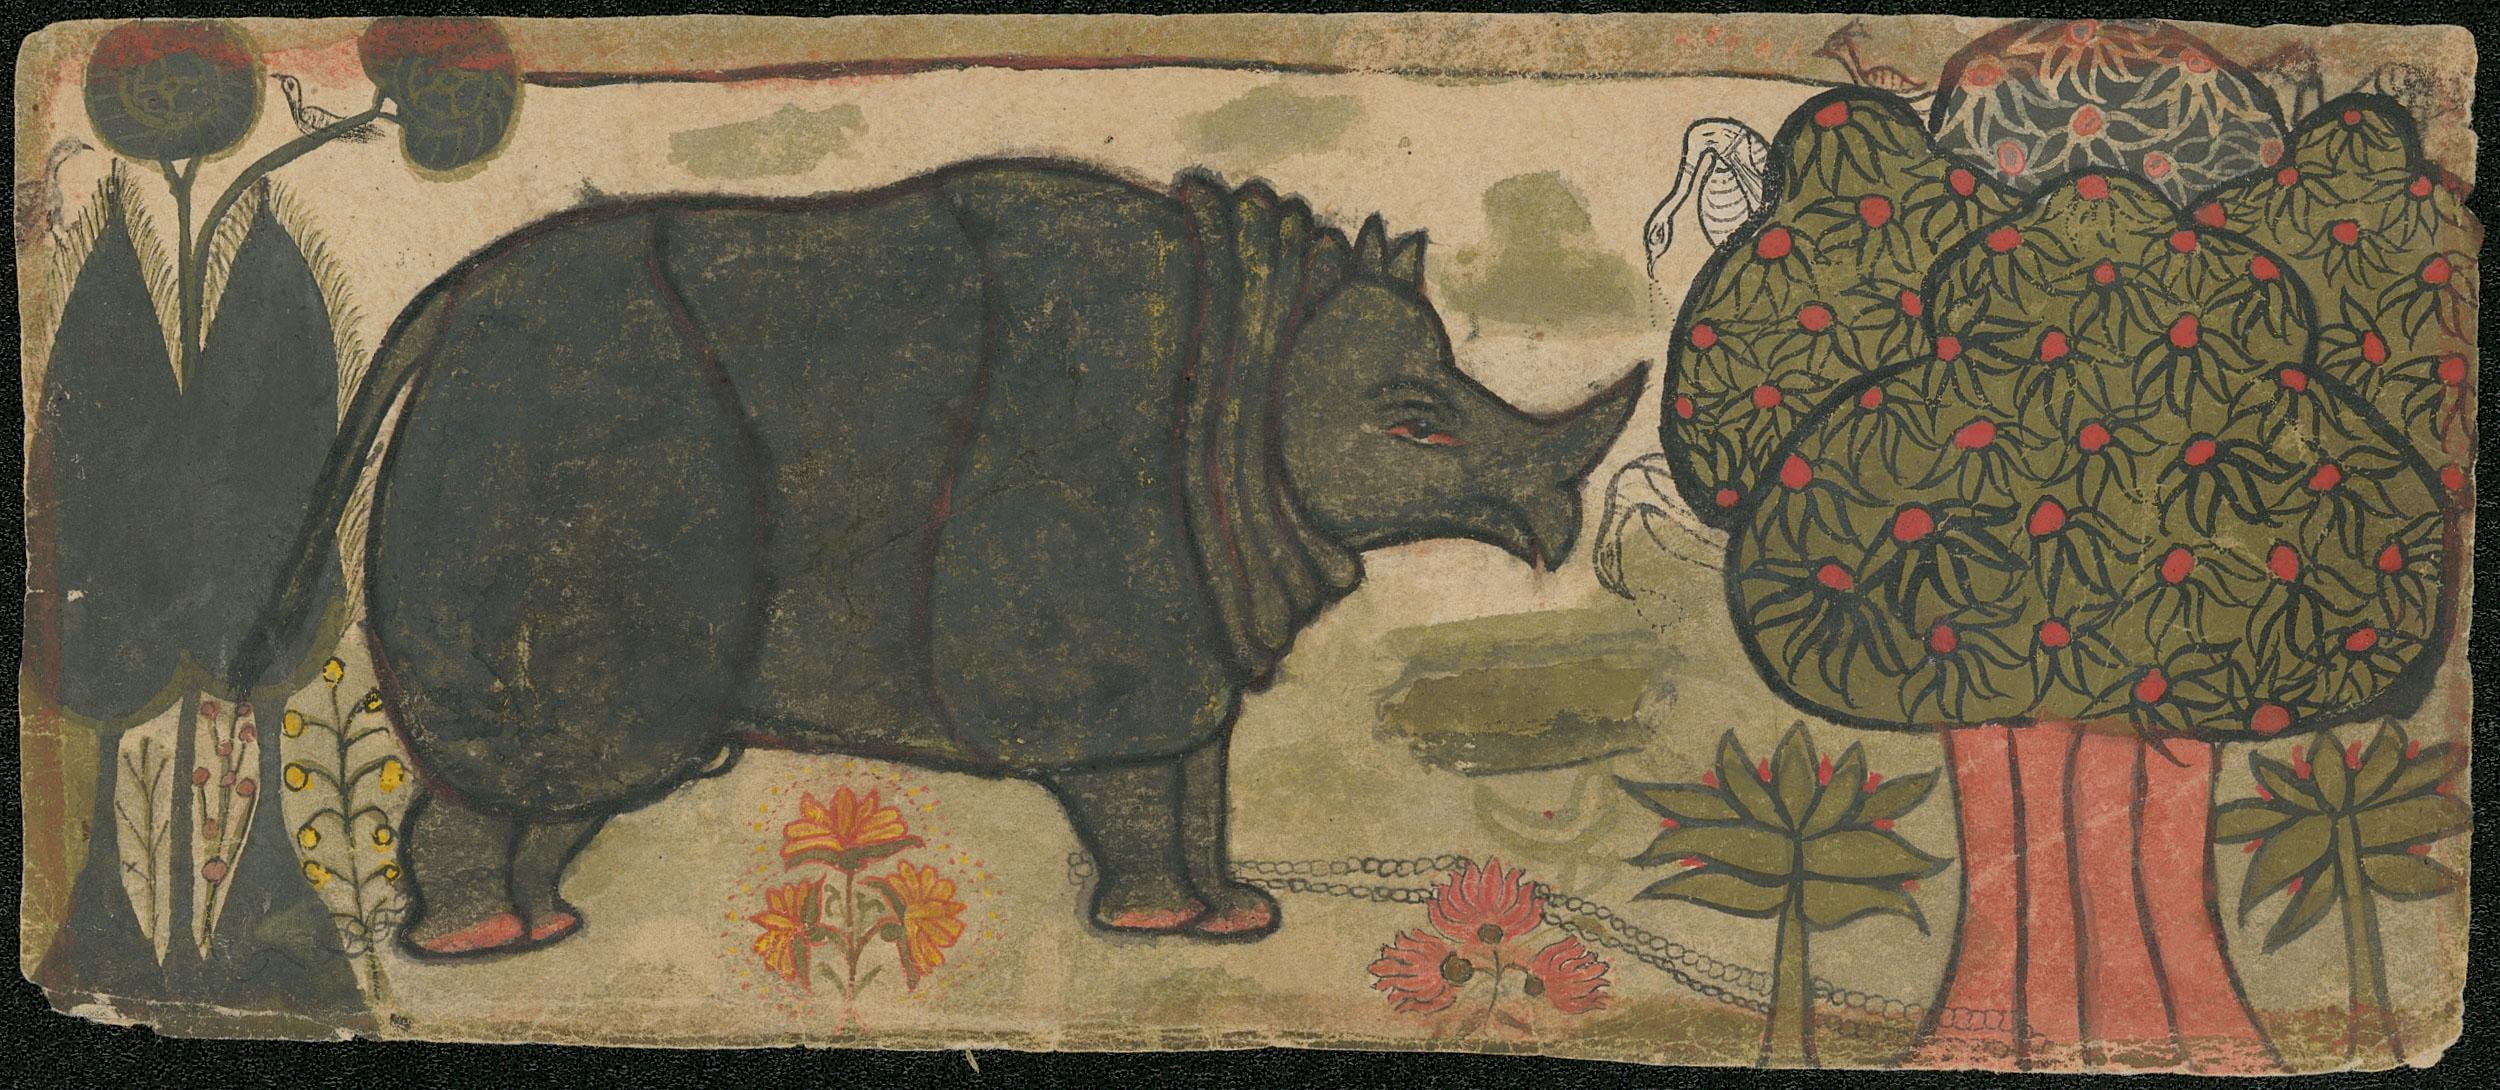 anonym - Nashorn / Rhinoceros